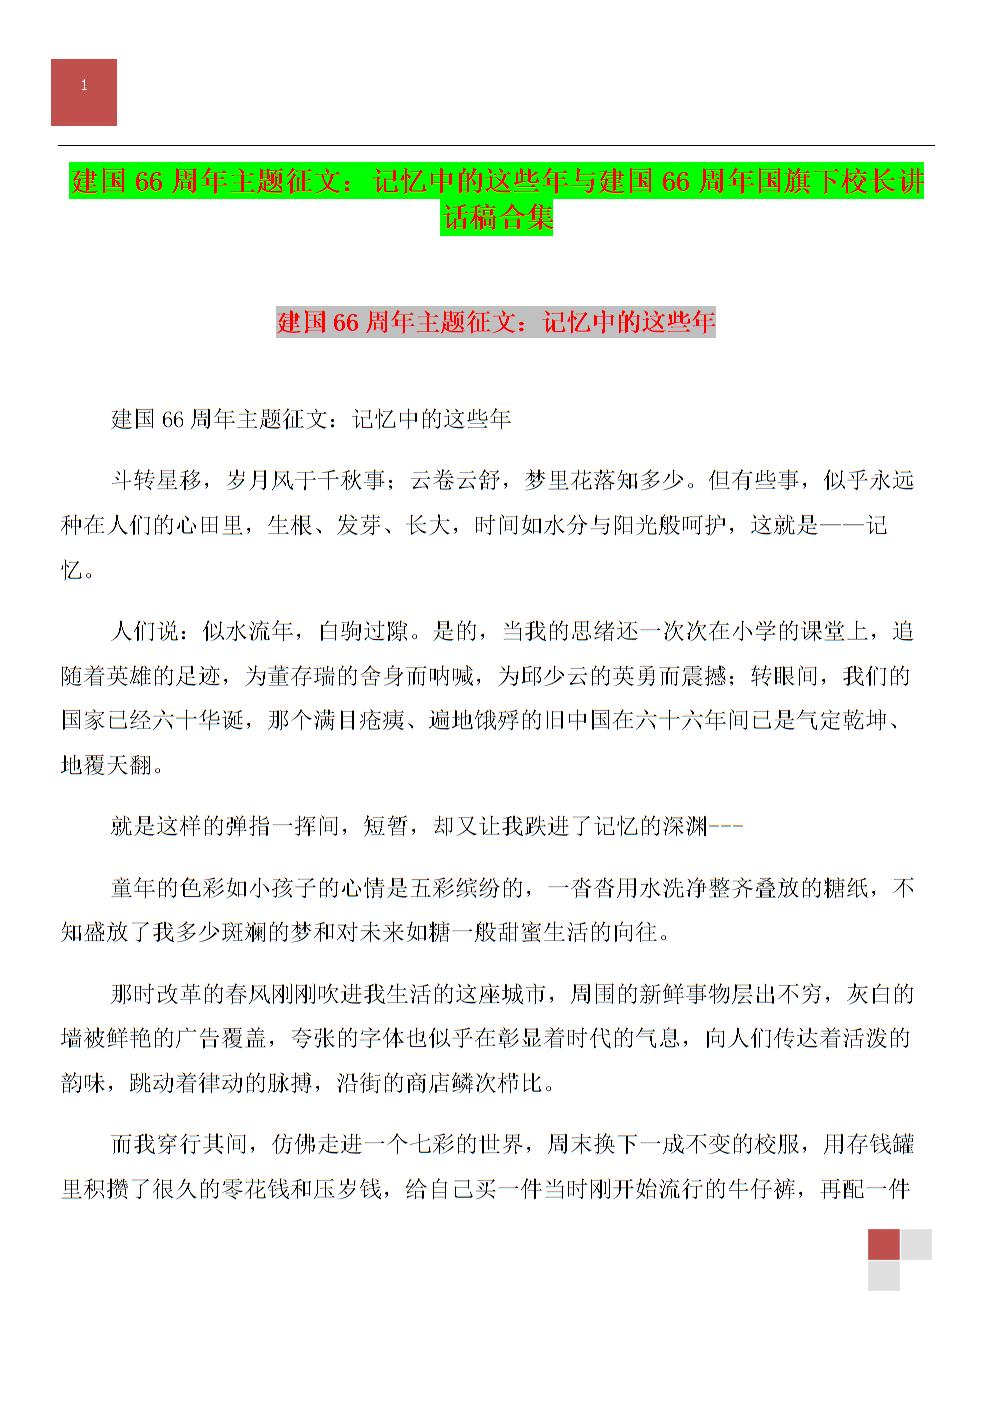 《建国66周年征文校长:主题中的这些年与建国66周年小学下记忆讲话稿国旗凤城杨浦图片